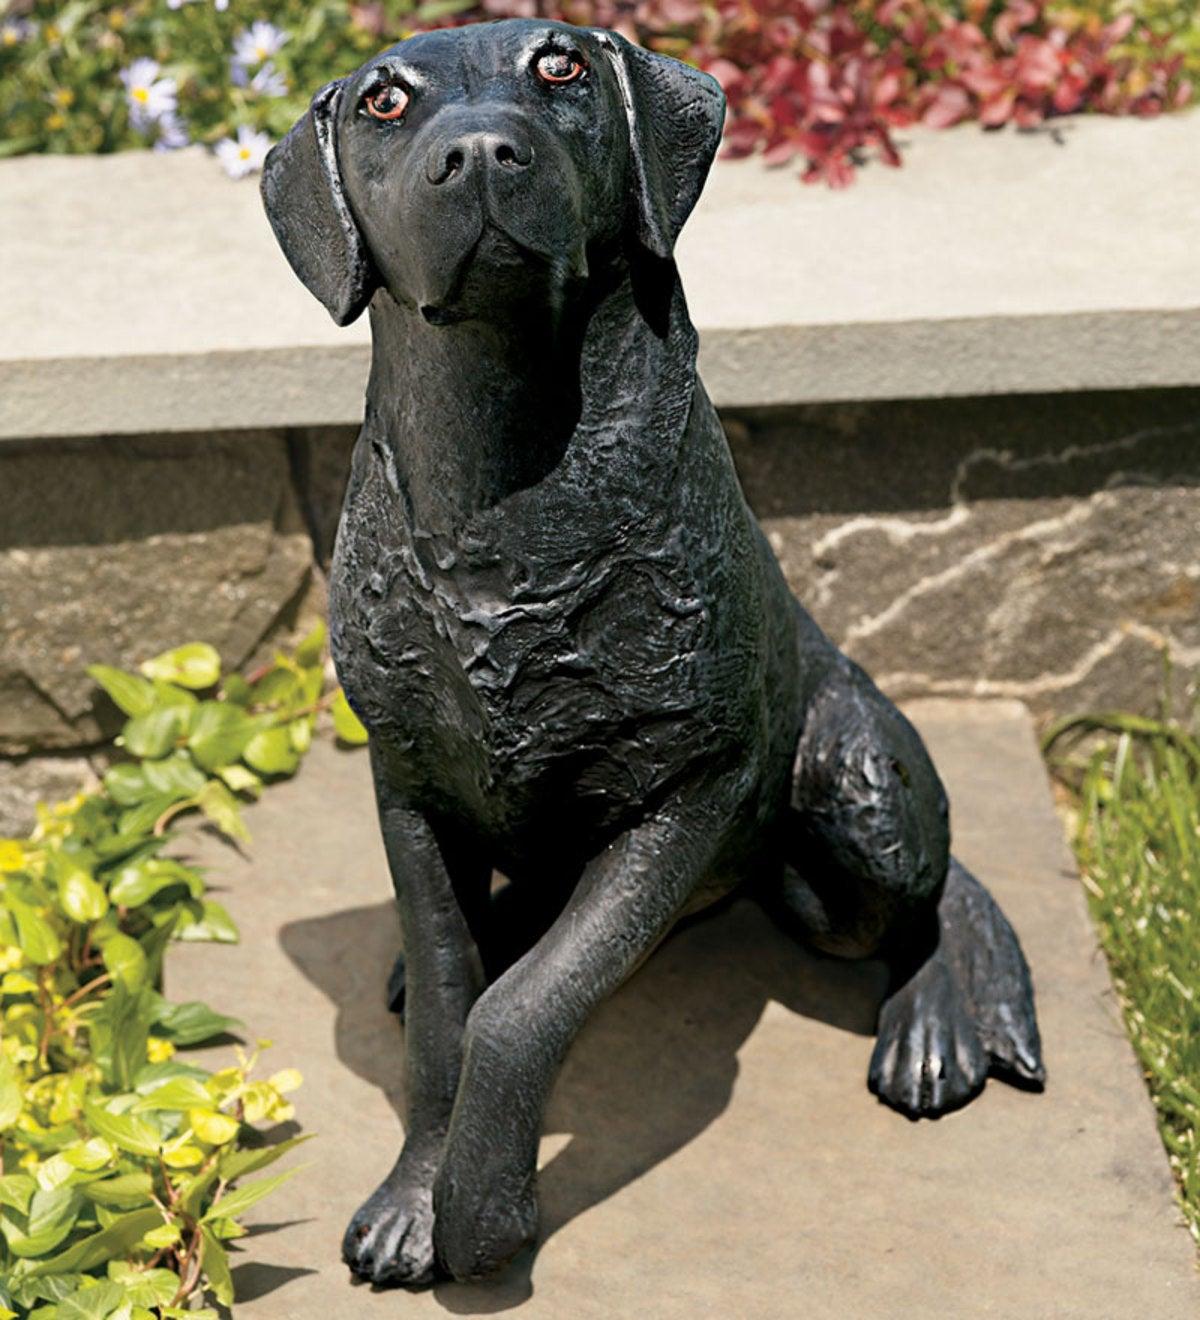 ... Garden Sculptures; Black Lab. Black Lab